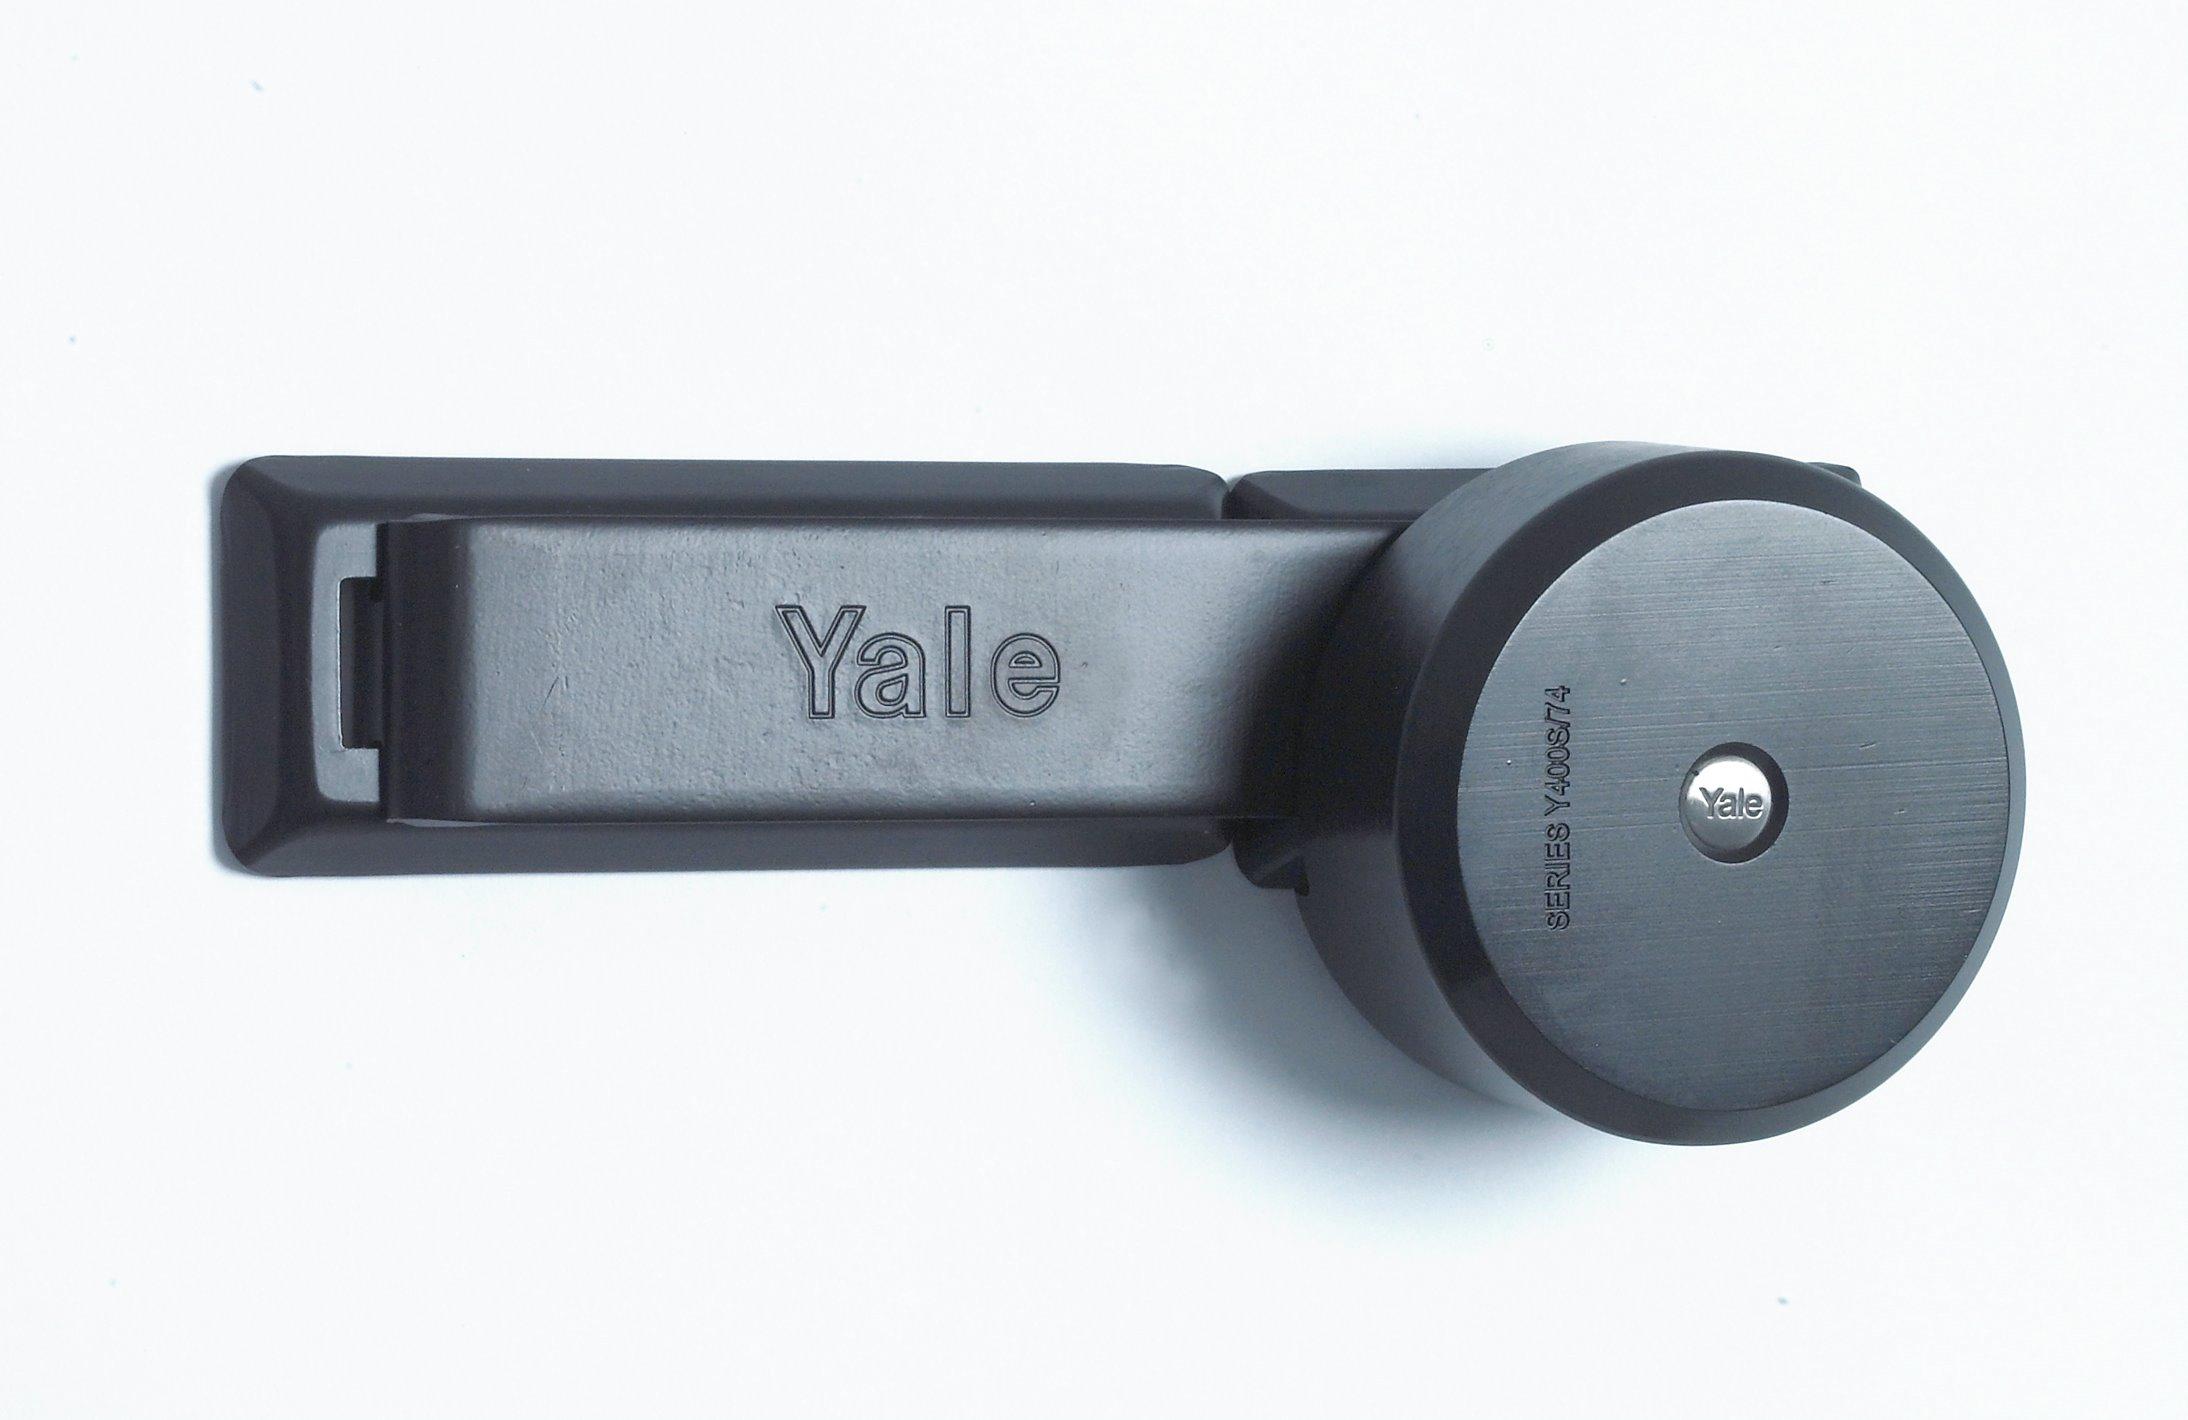 Y400S/74/115/1H - Van Lock